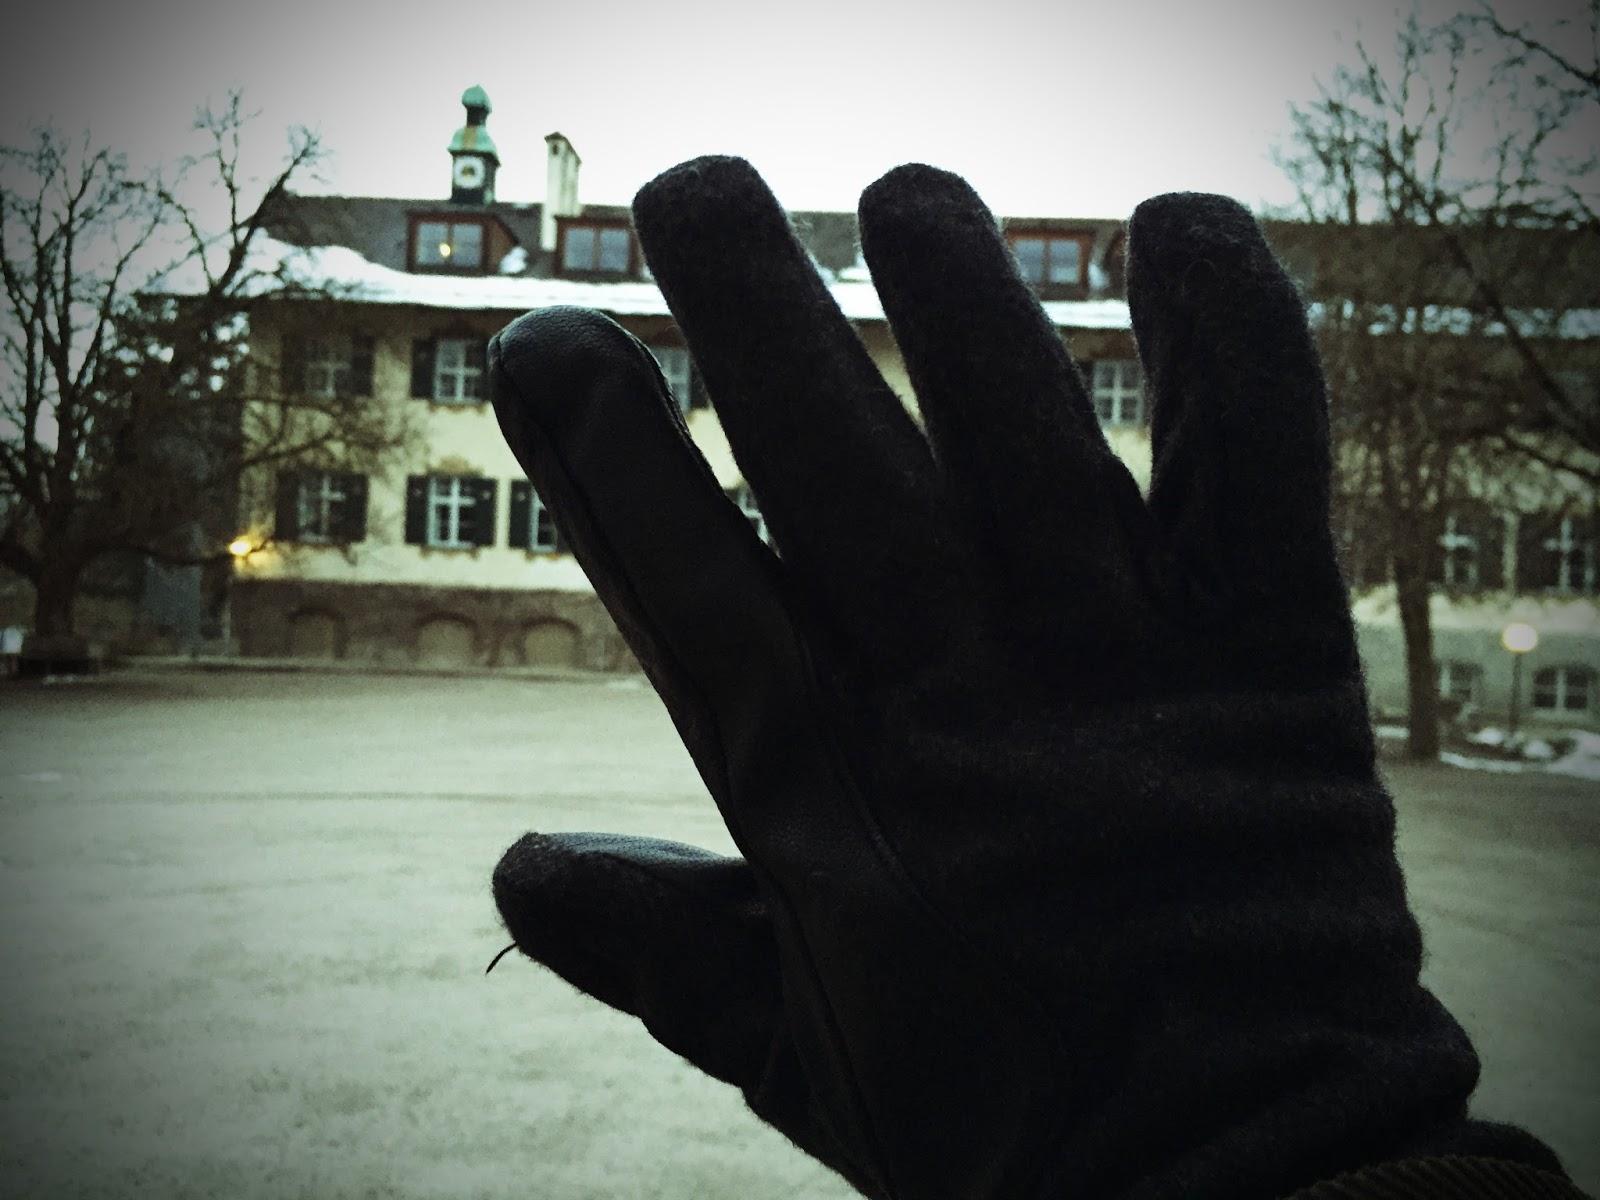 8 Millionäre, Krimikomödie in Schondorf am Ammersee